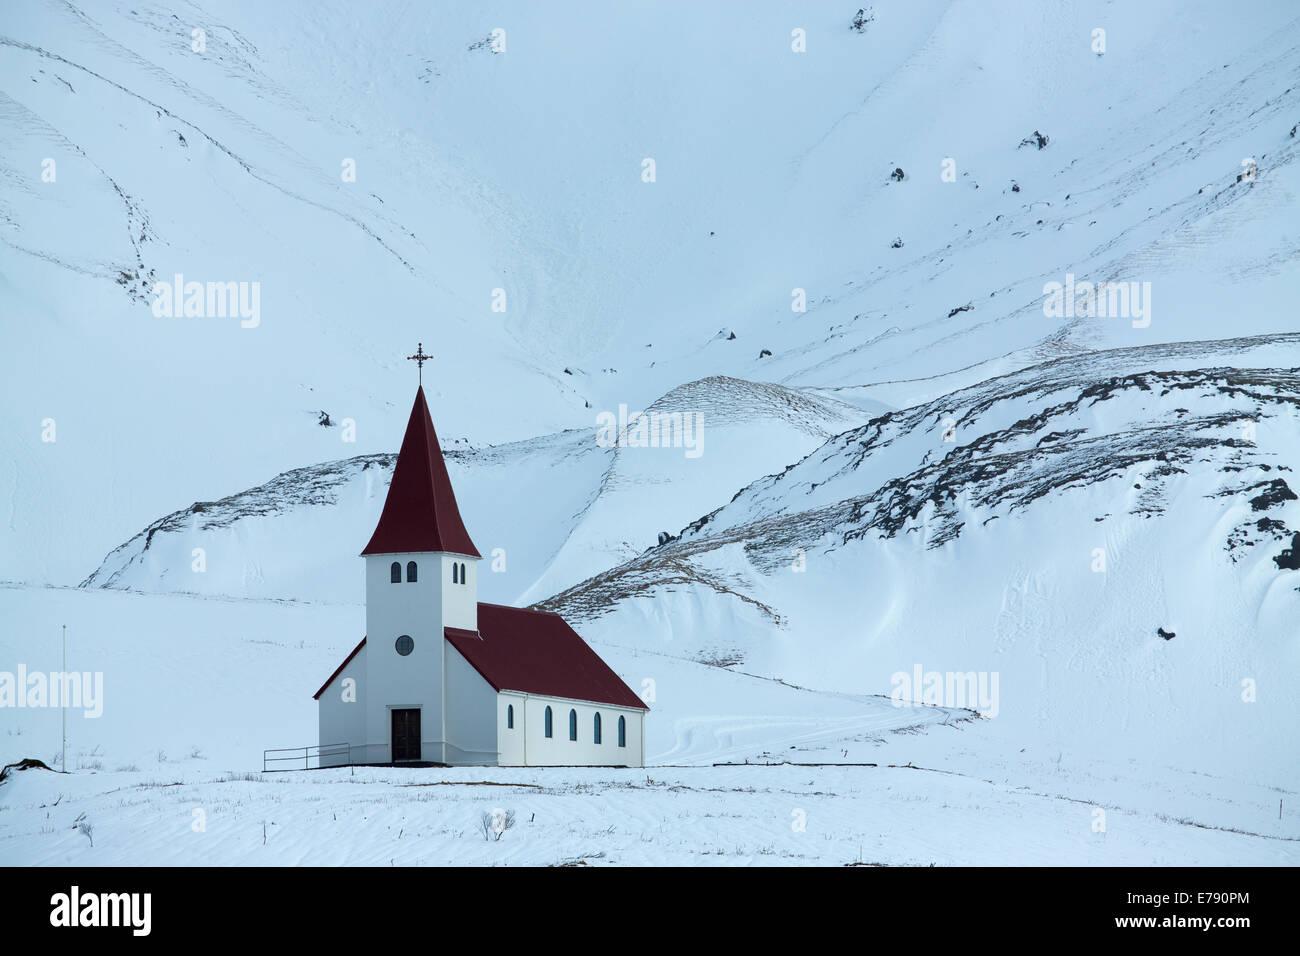 La iglesia por encima de la aldea de Vík í Mýrdal, sur de Islandia Imagen De Stock